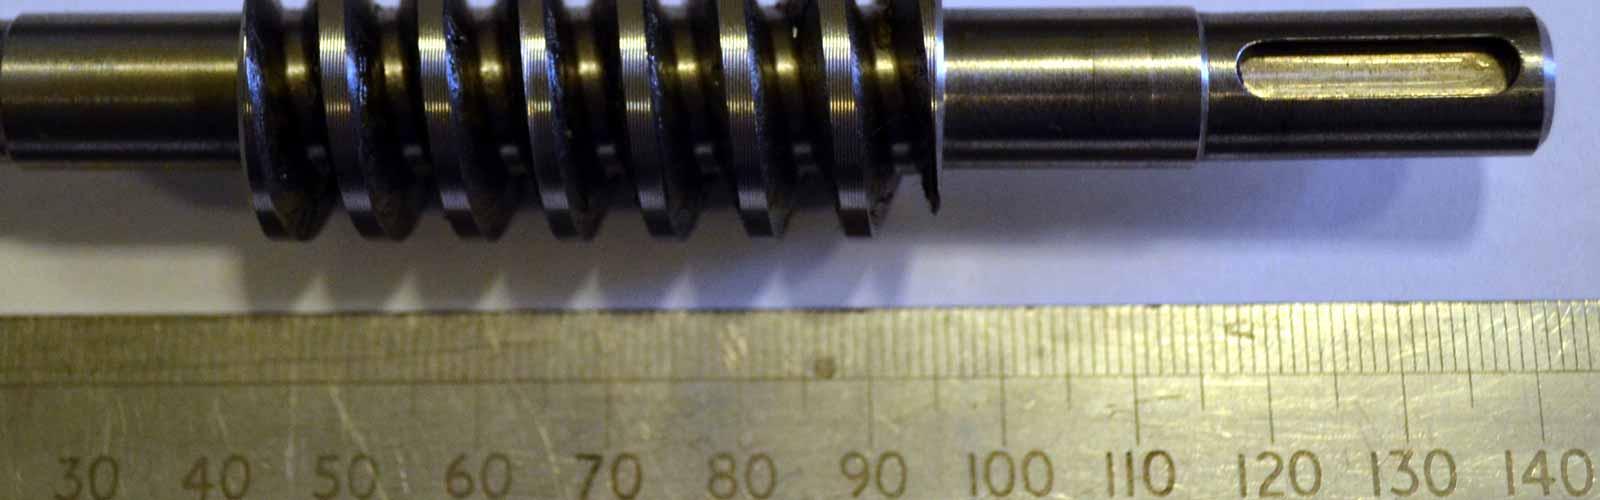 Gear cutting, yorkshire, allan-Green-acetarc-gear-cutting-small-worm